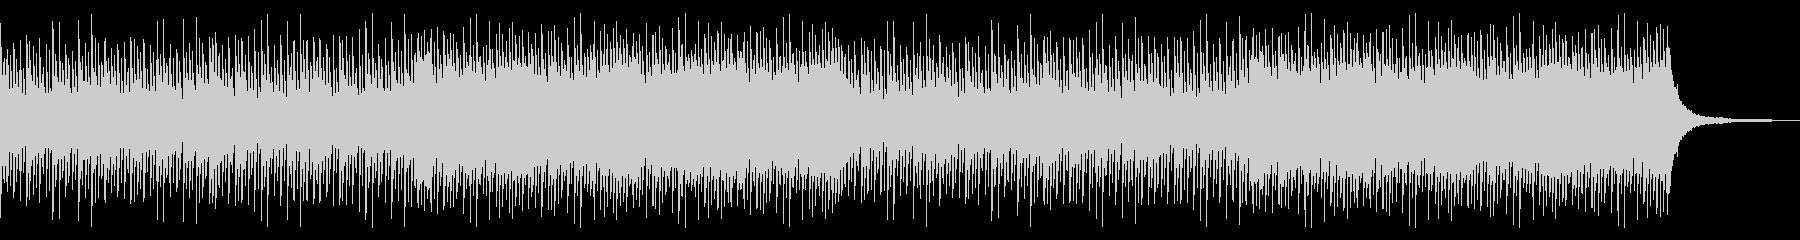 鉄琴なしver 切ない ピアノ ギターの未再生の波形